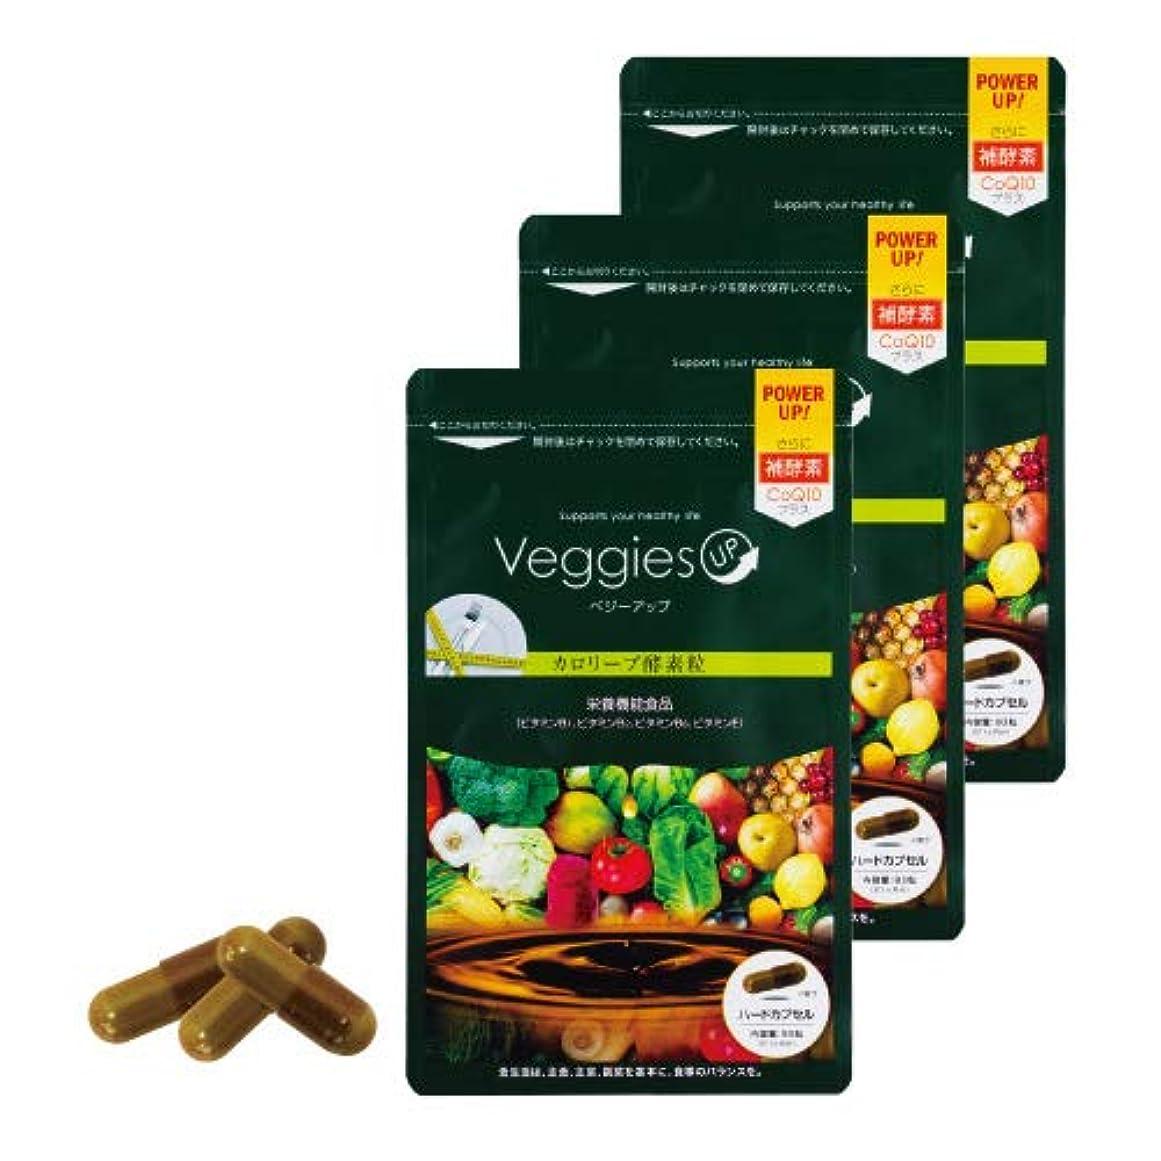 疼痛アンドリューハリディ依存ベジーアップ酵素粒カロリーブ 93粒 3袋セット ダイエット 酵素サプリ 酵素ダイエット サラシア コエンザイムQ10 竹炭